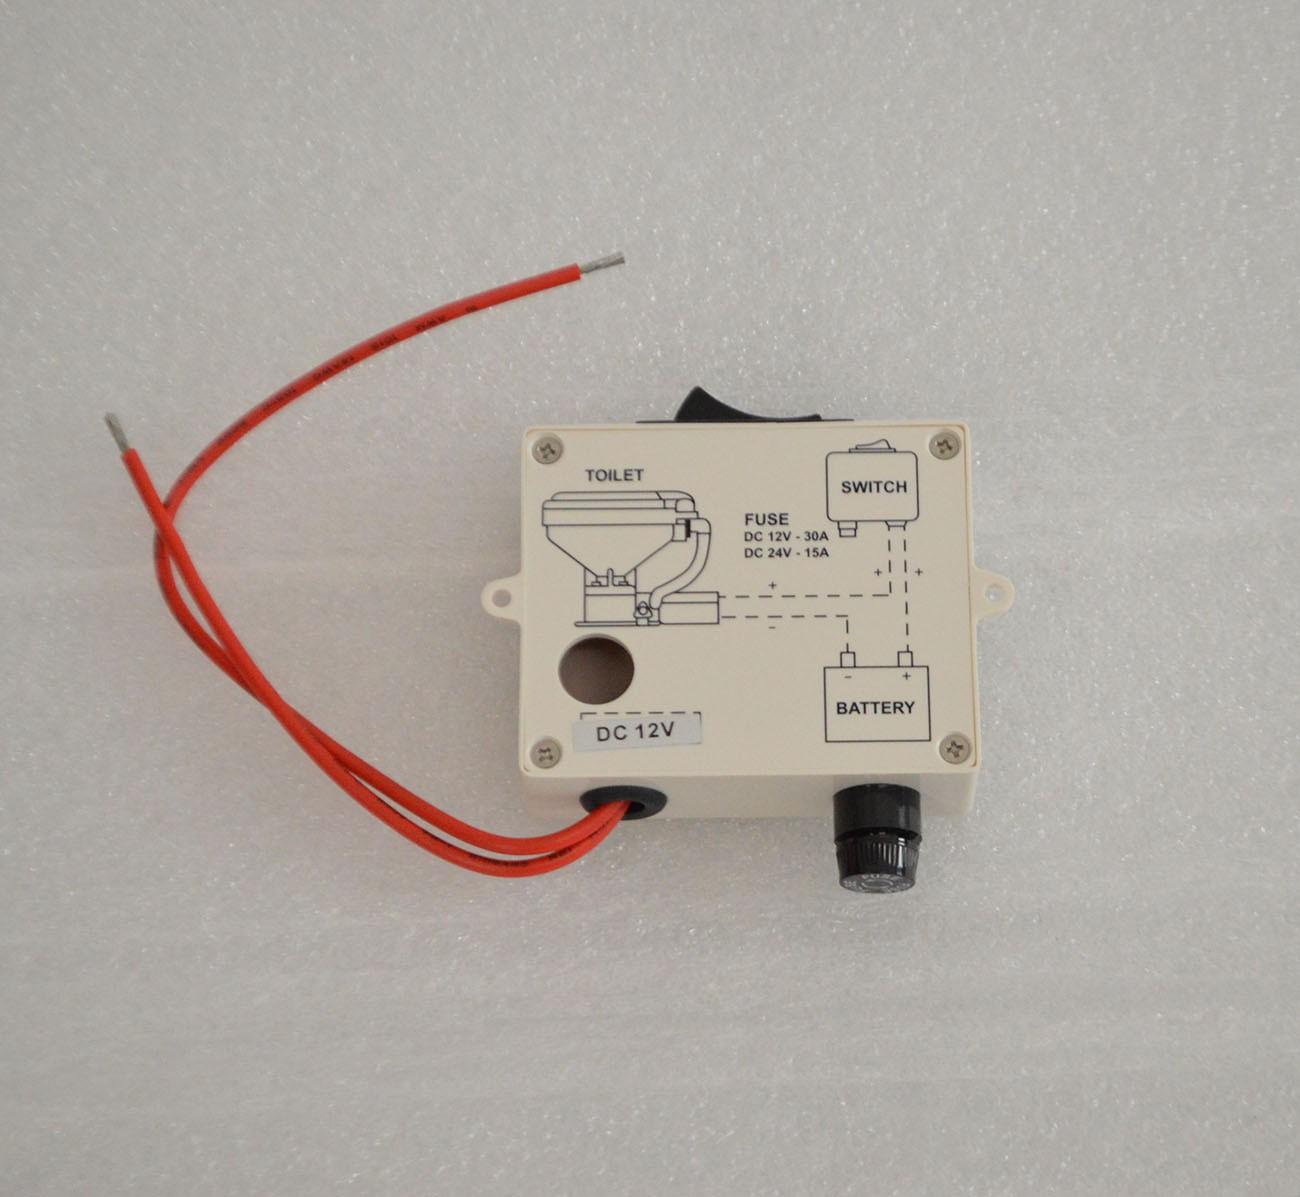 19.77 - Διακόπτης Ηλεκτρικής Τουαλέτας TMC